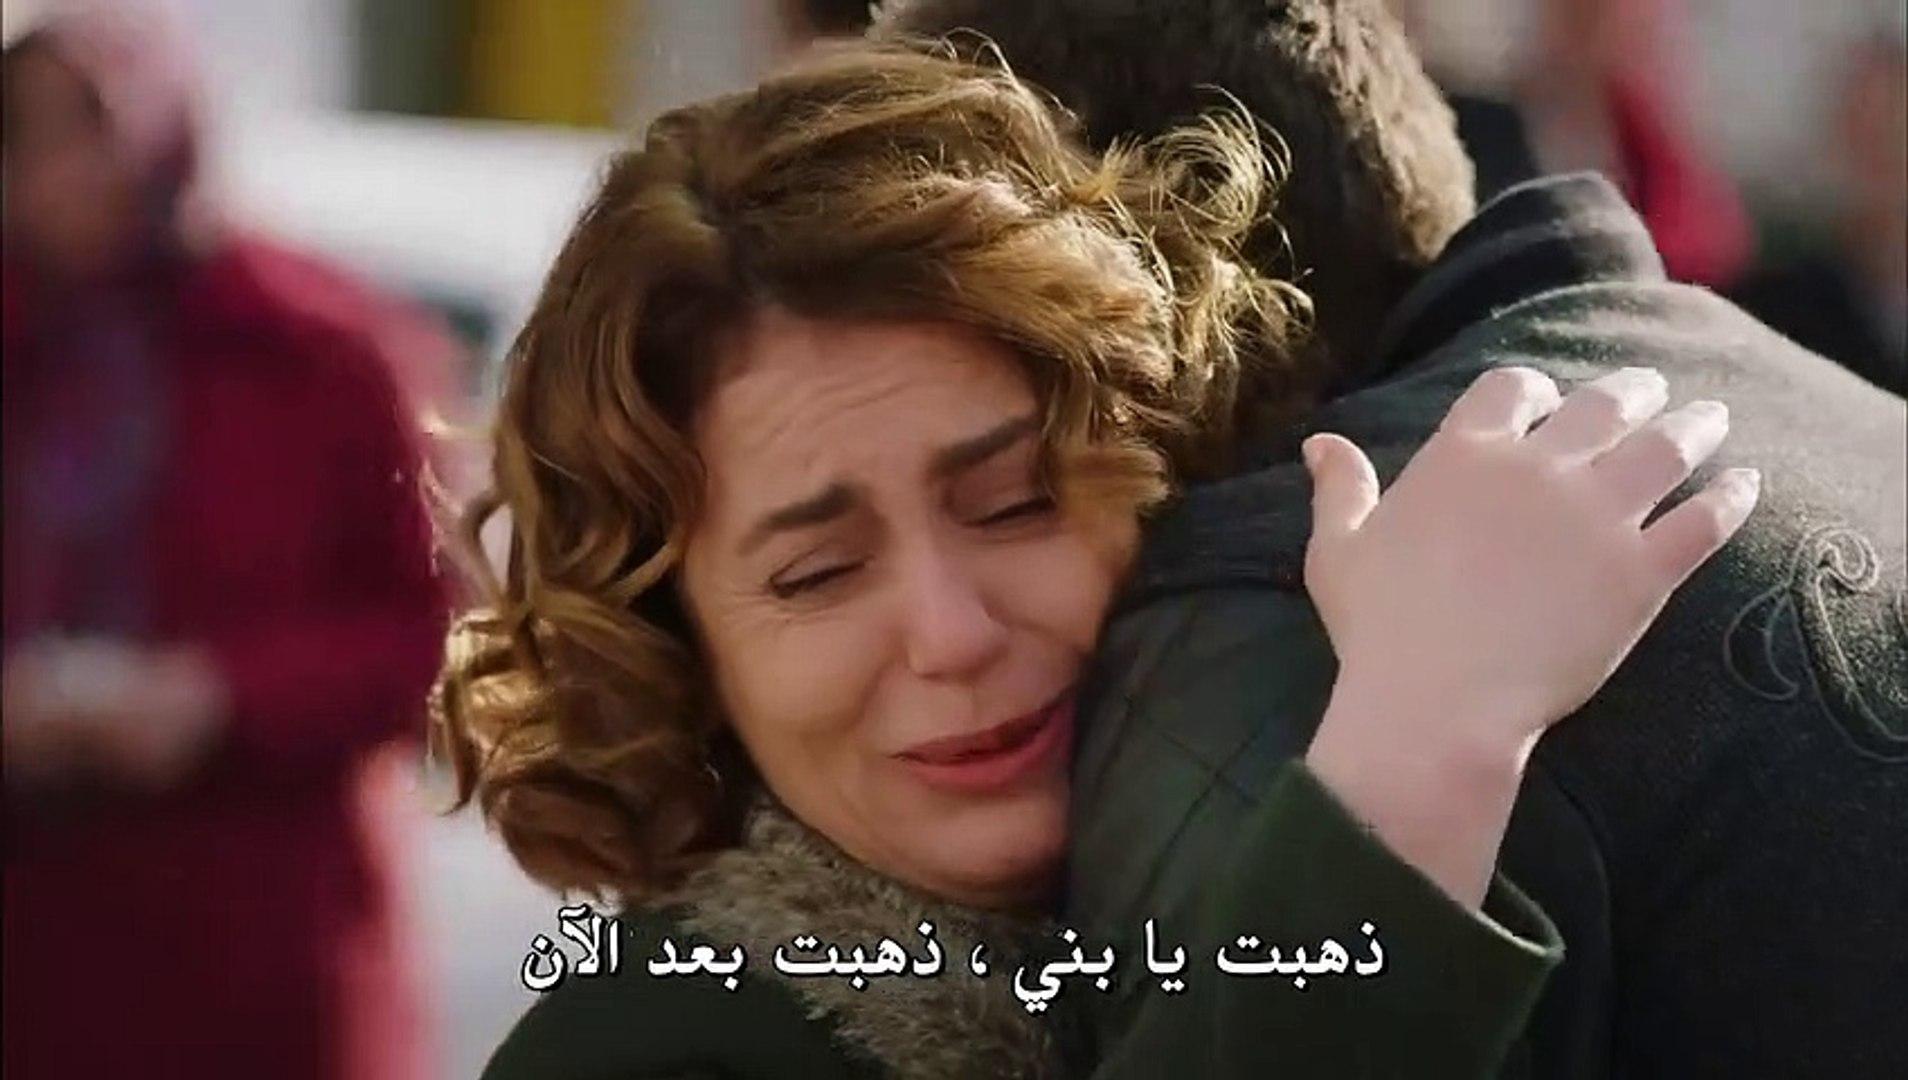 مسلسل فضيلة وبناتها الموسم الثاني الحلقة 42 كاملة القسم 1 مترجمة للعربية